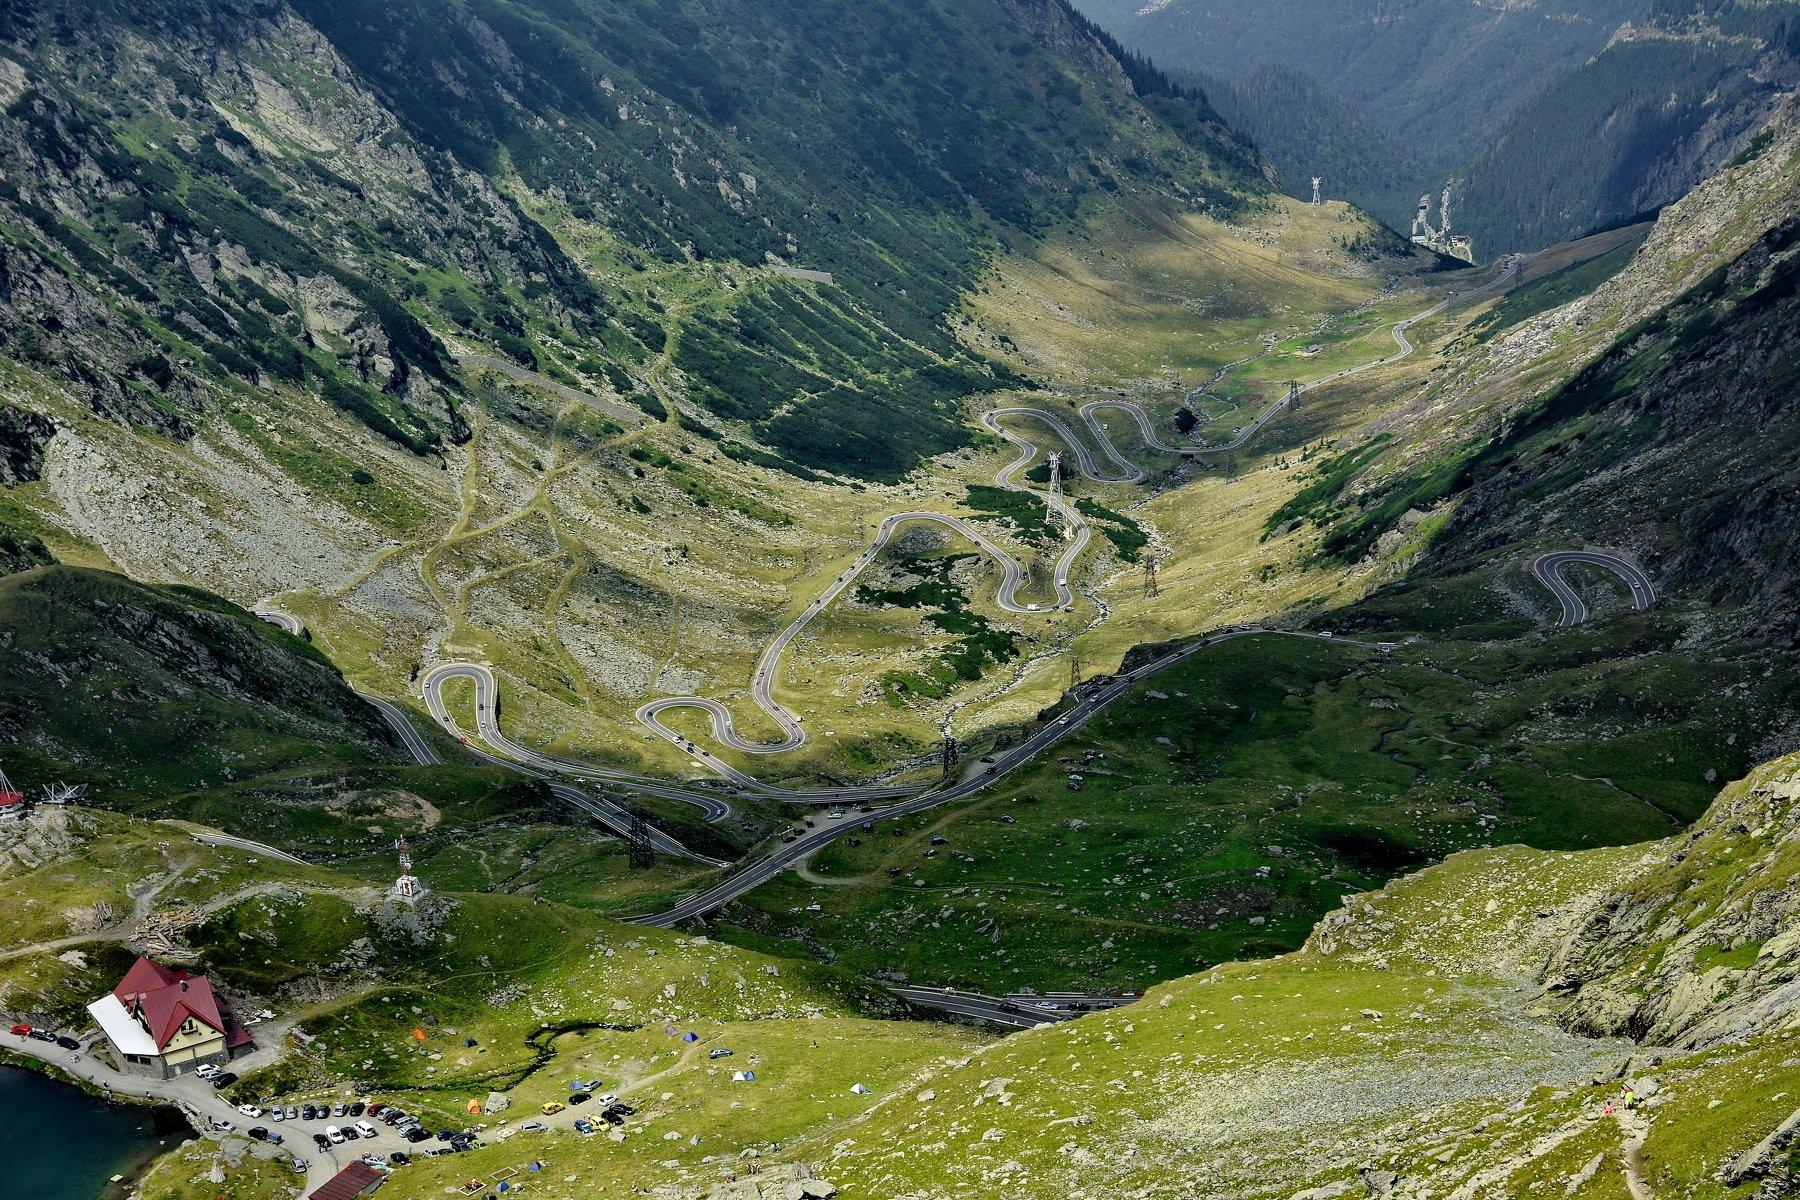 nature, altitude, outdoor, summer outdoor, altitude2033, fagaras_mountains, Sorin Lazar Photography